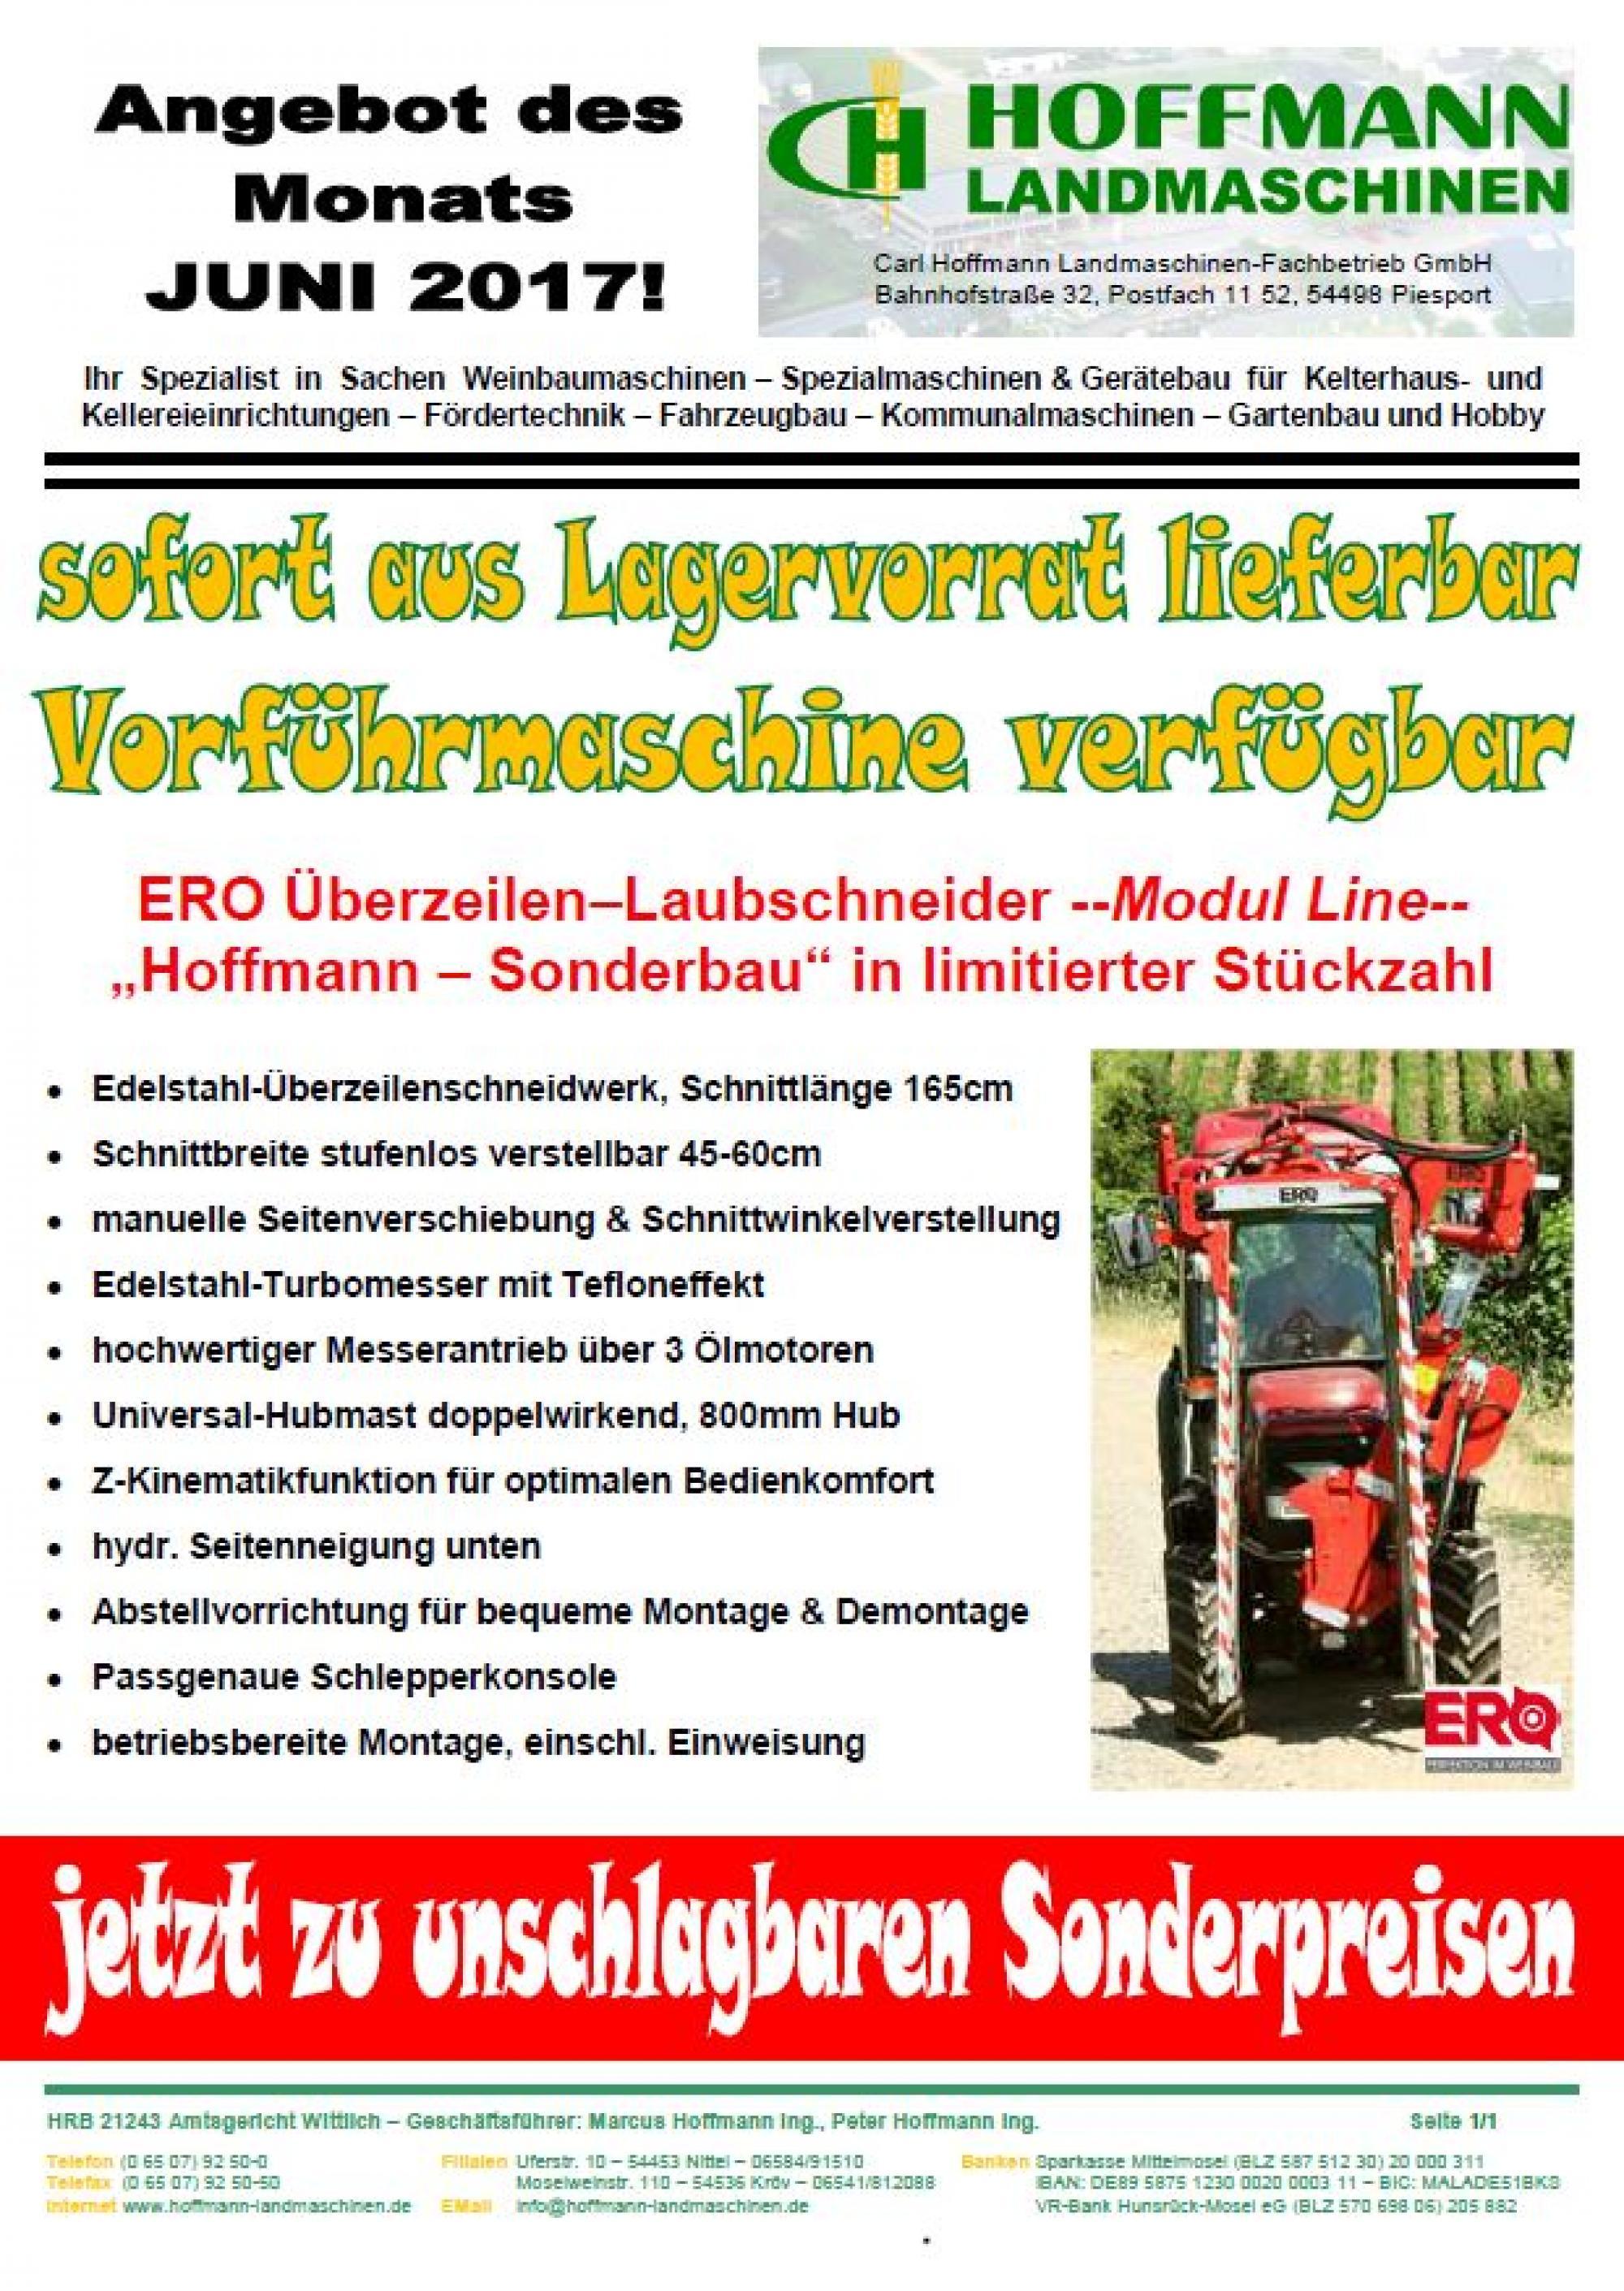 ERO Laubschneider